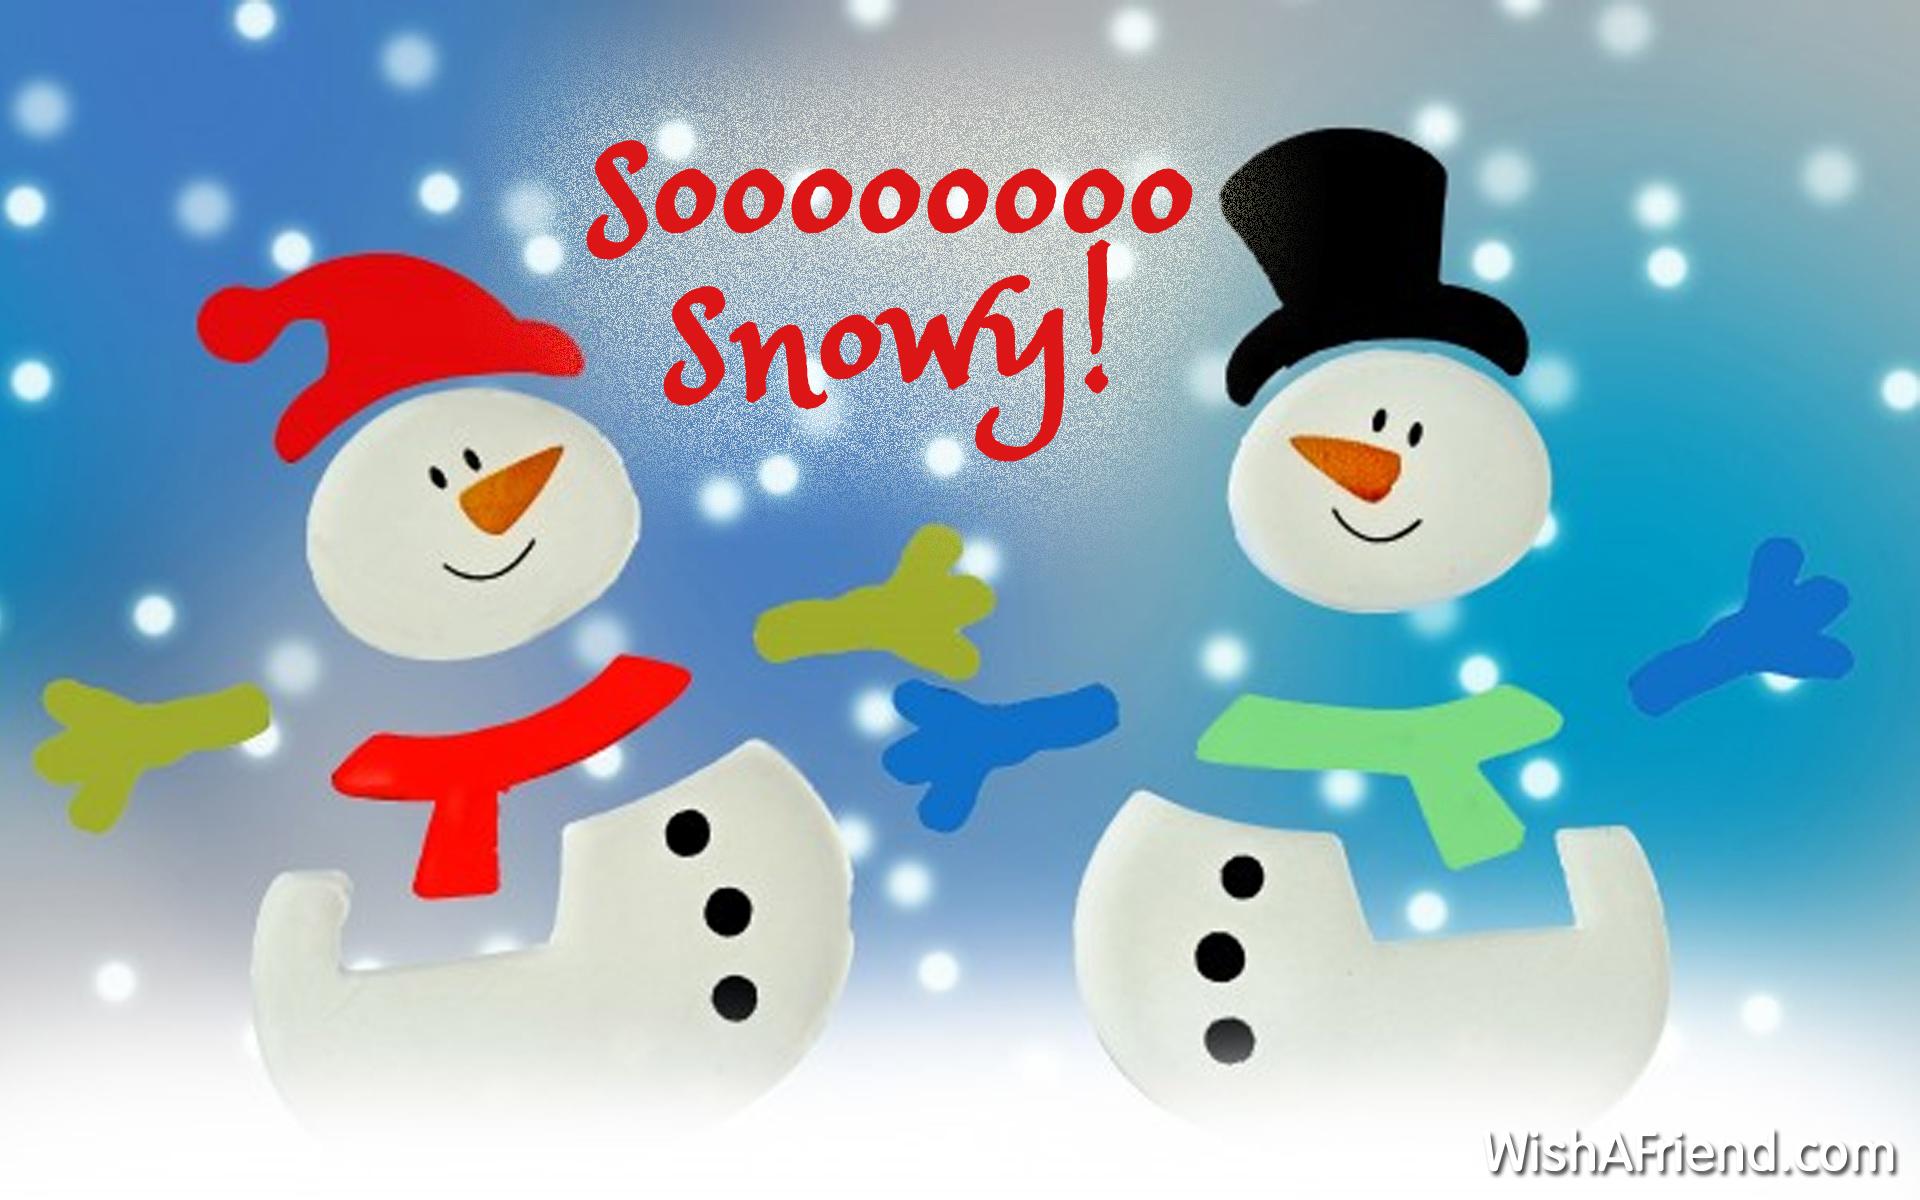 Soooo Snowy!